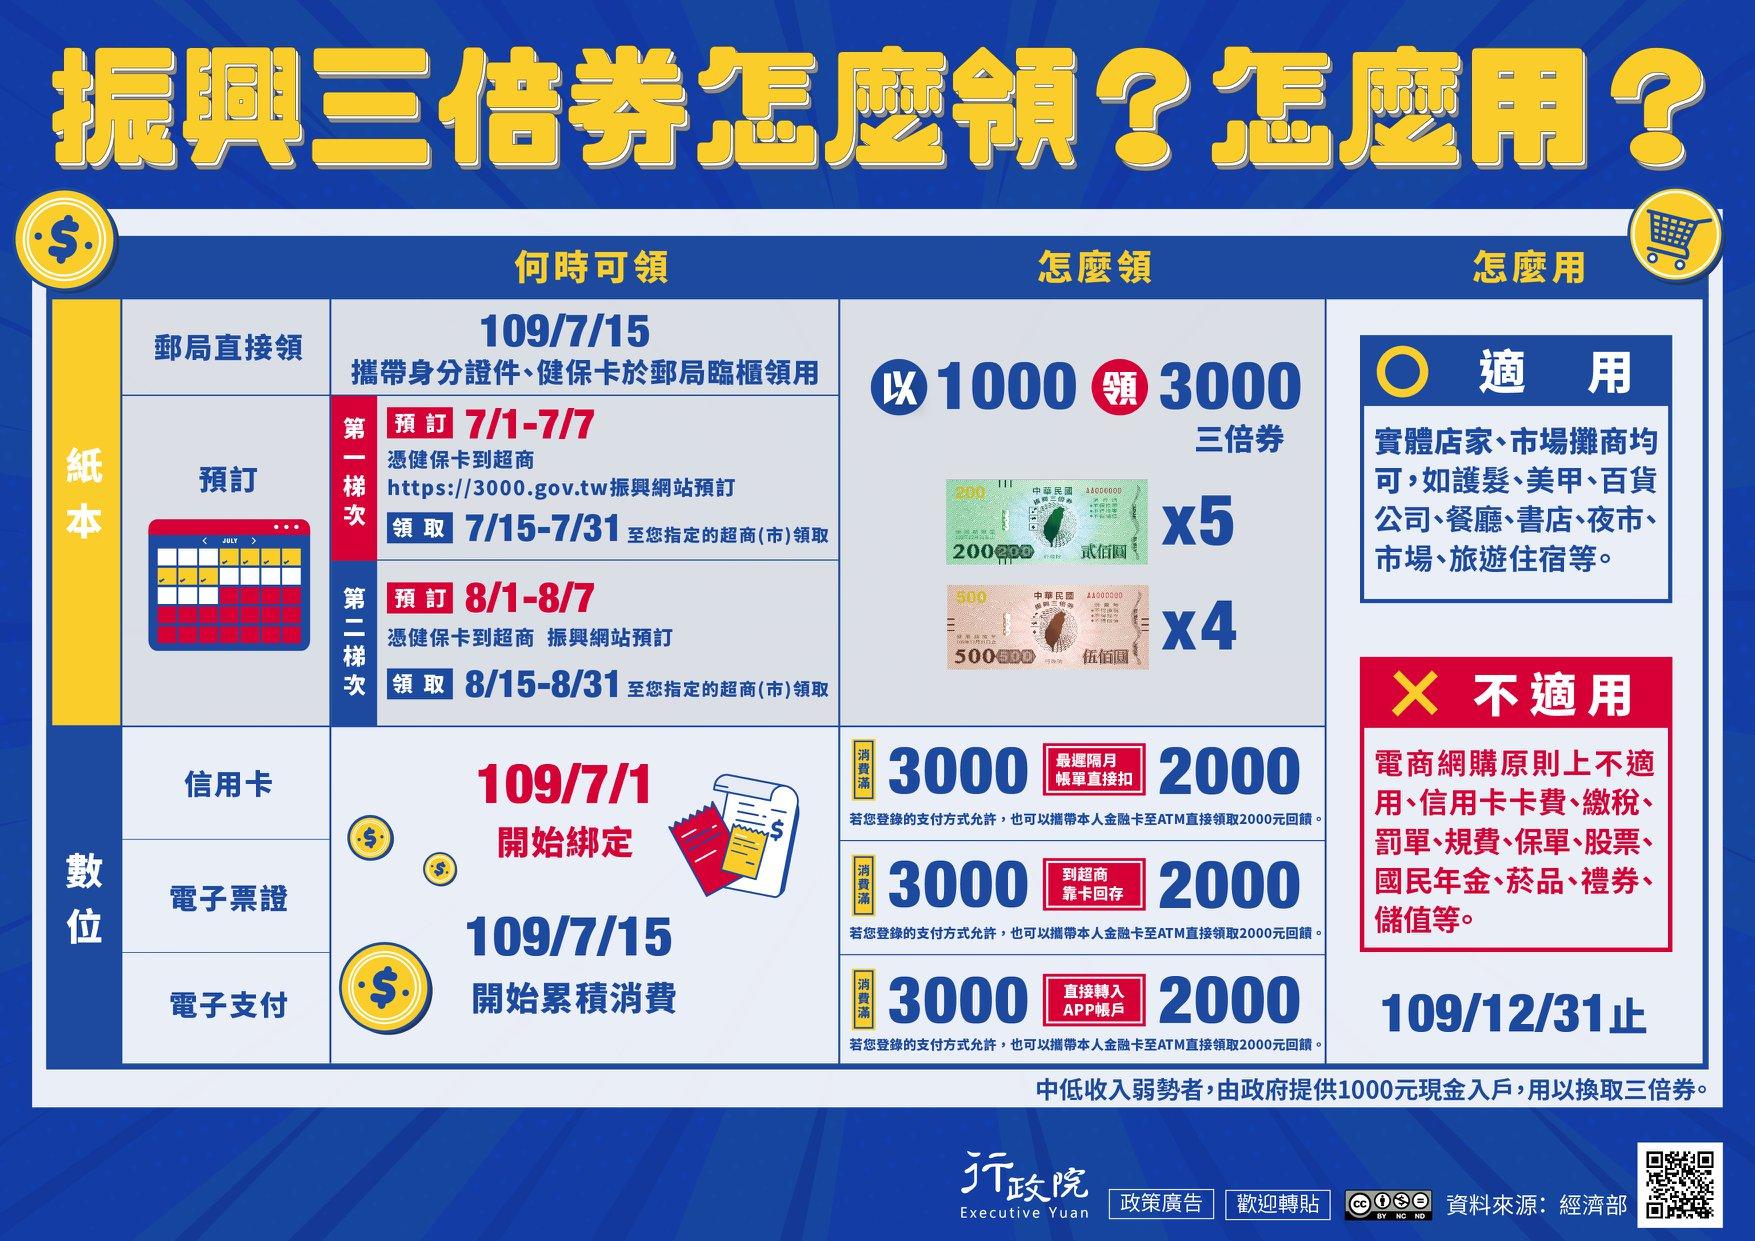 【振興三倍券實用懶人包】花1000得3000!預購、領取、綁定、使用方式 - threeonelee.com